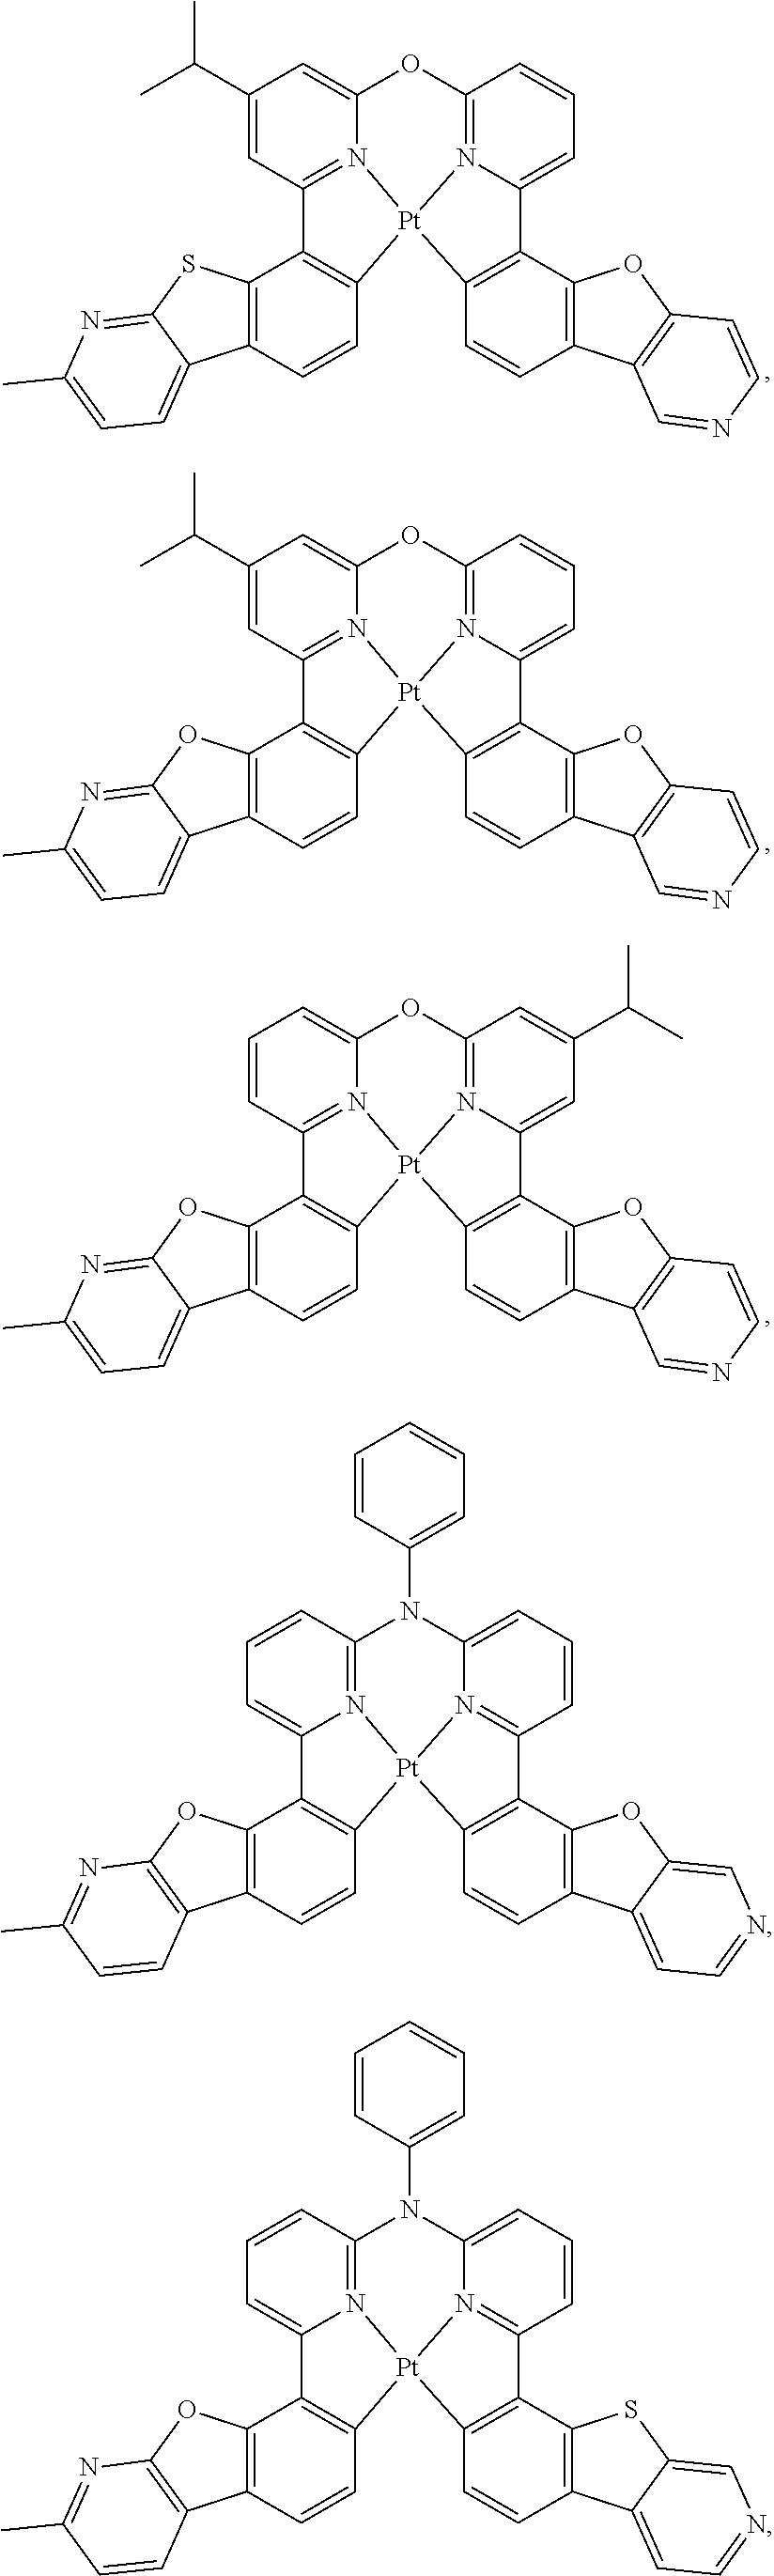 Figure US09871214-20180116-C00042